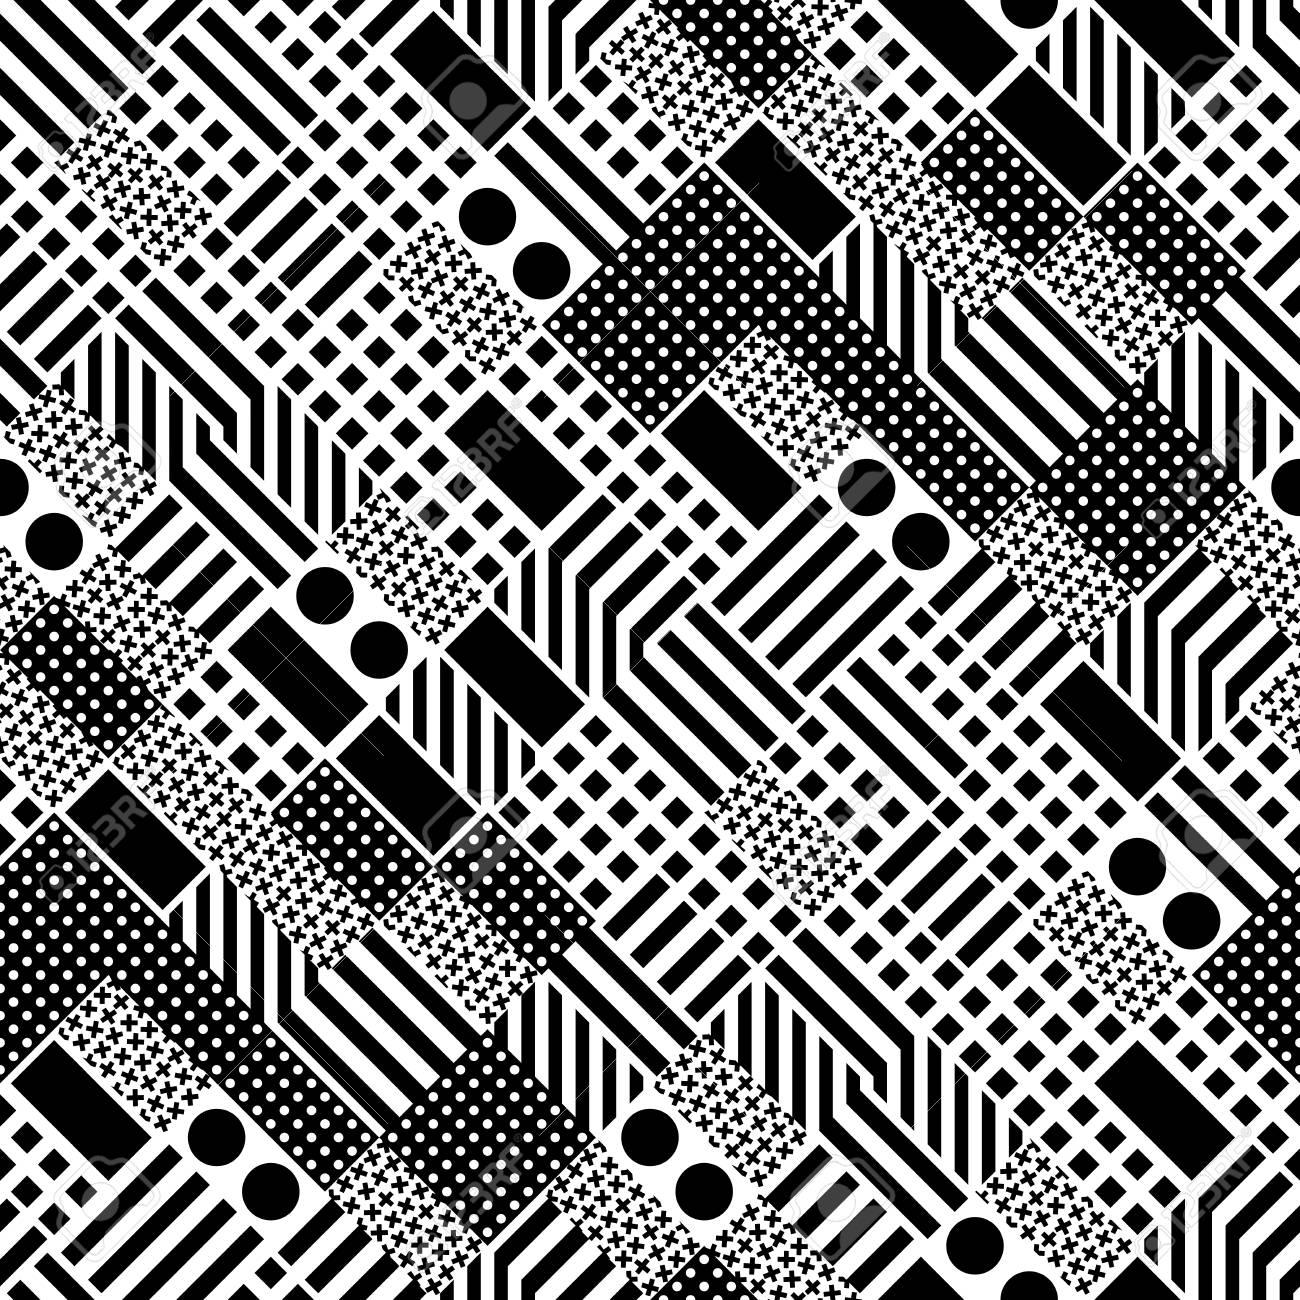 Carrelage De Formes Géométriques Décoratives Modèle Irrégulier à La - Carrelage a la mode